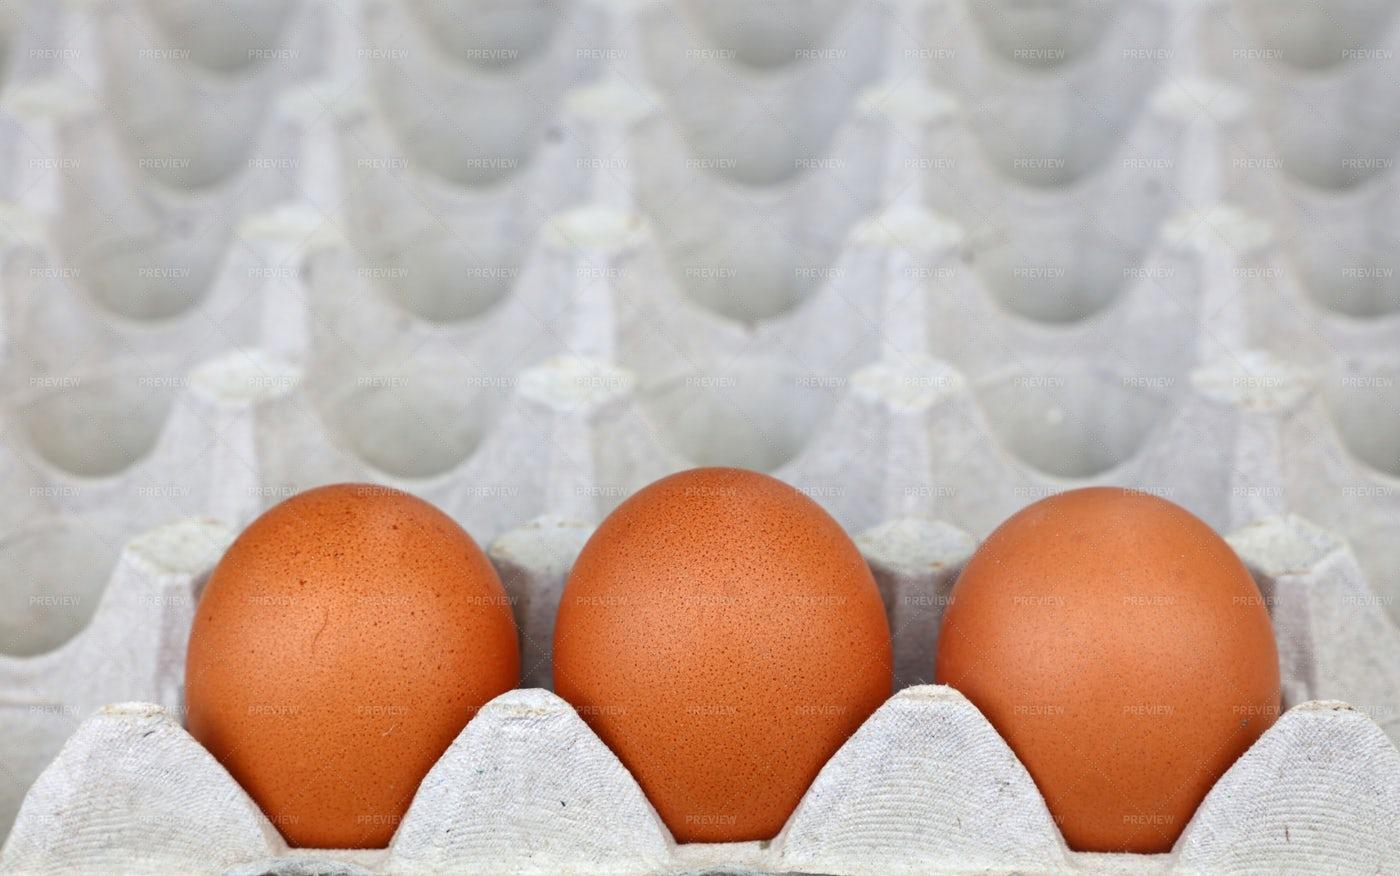 Three Eggs In A Carton: Stock Photos